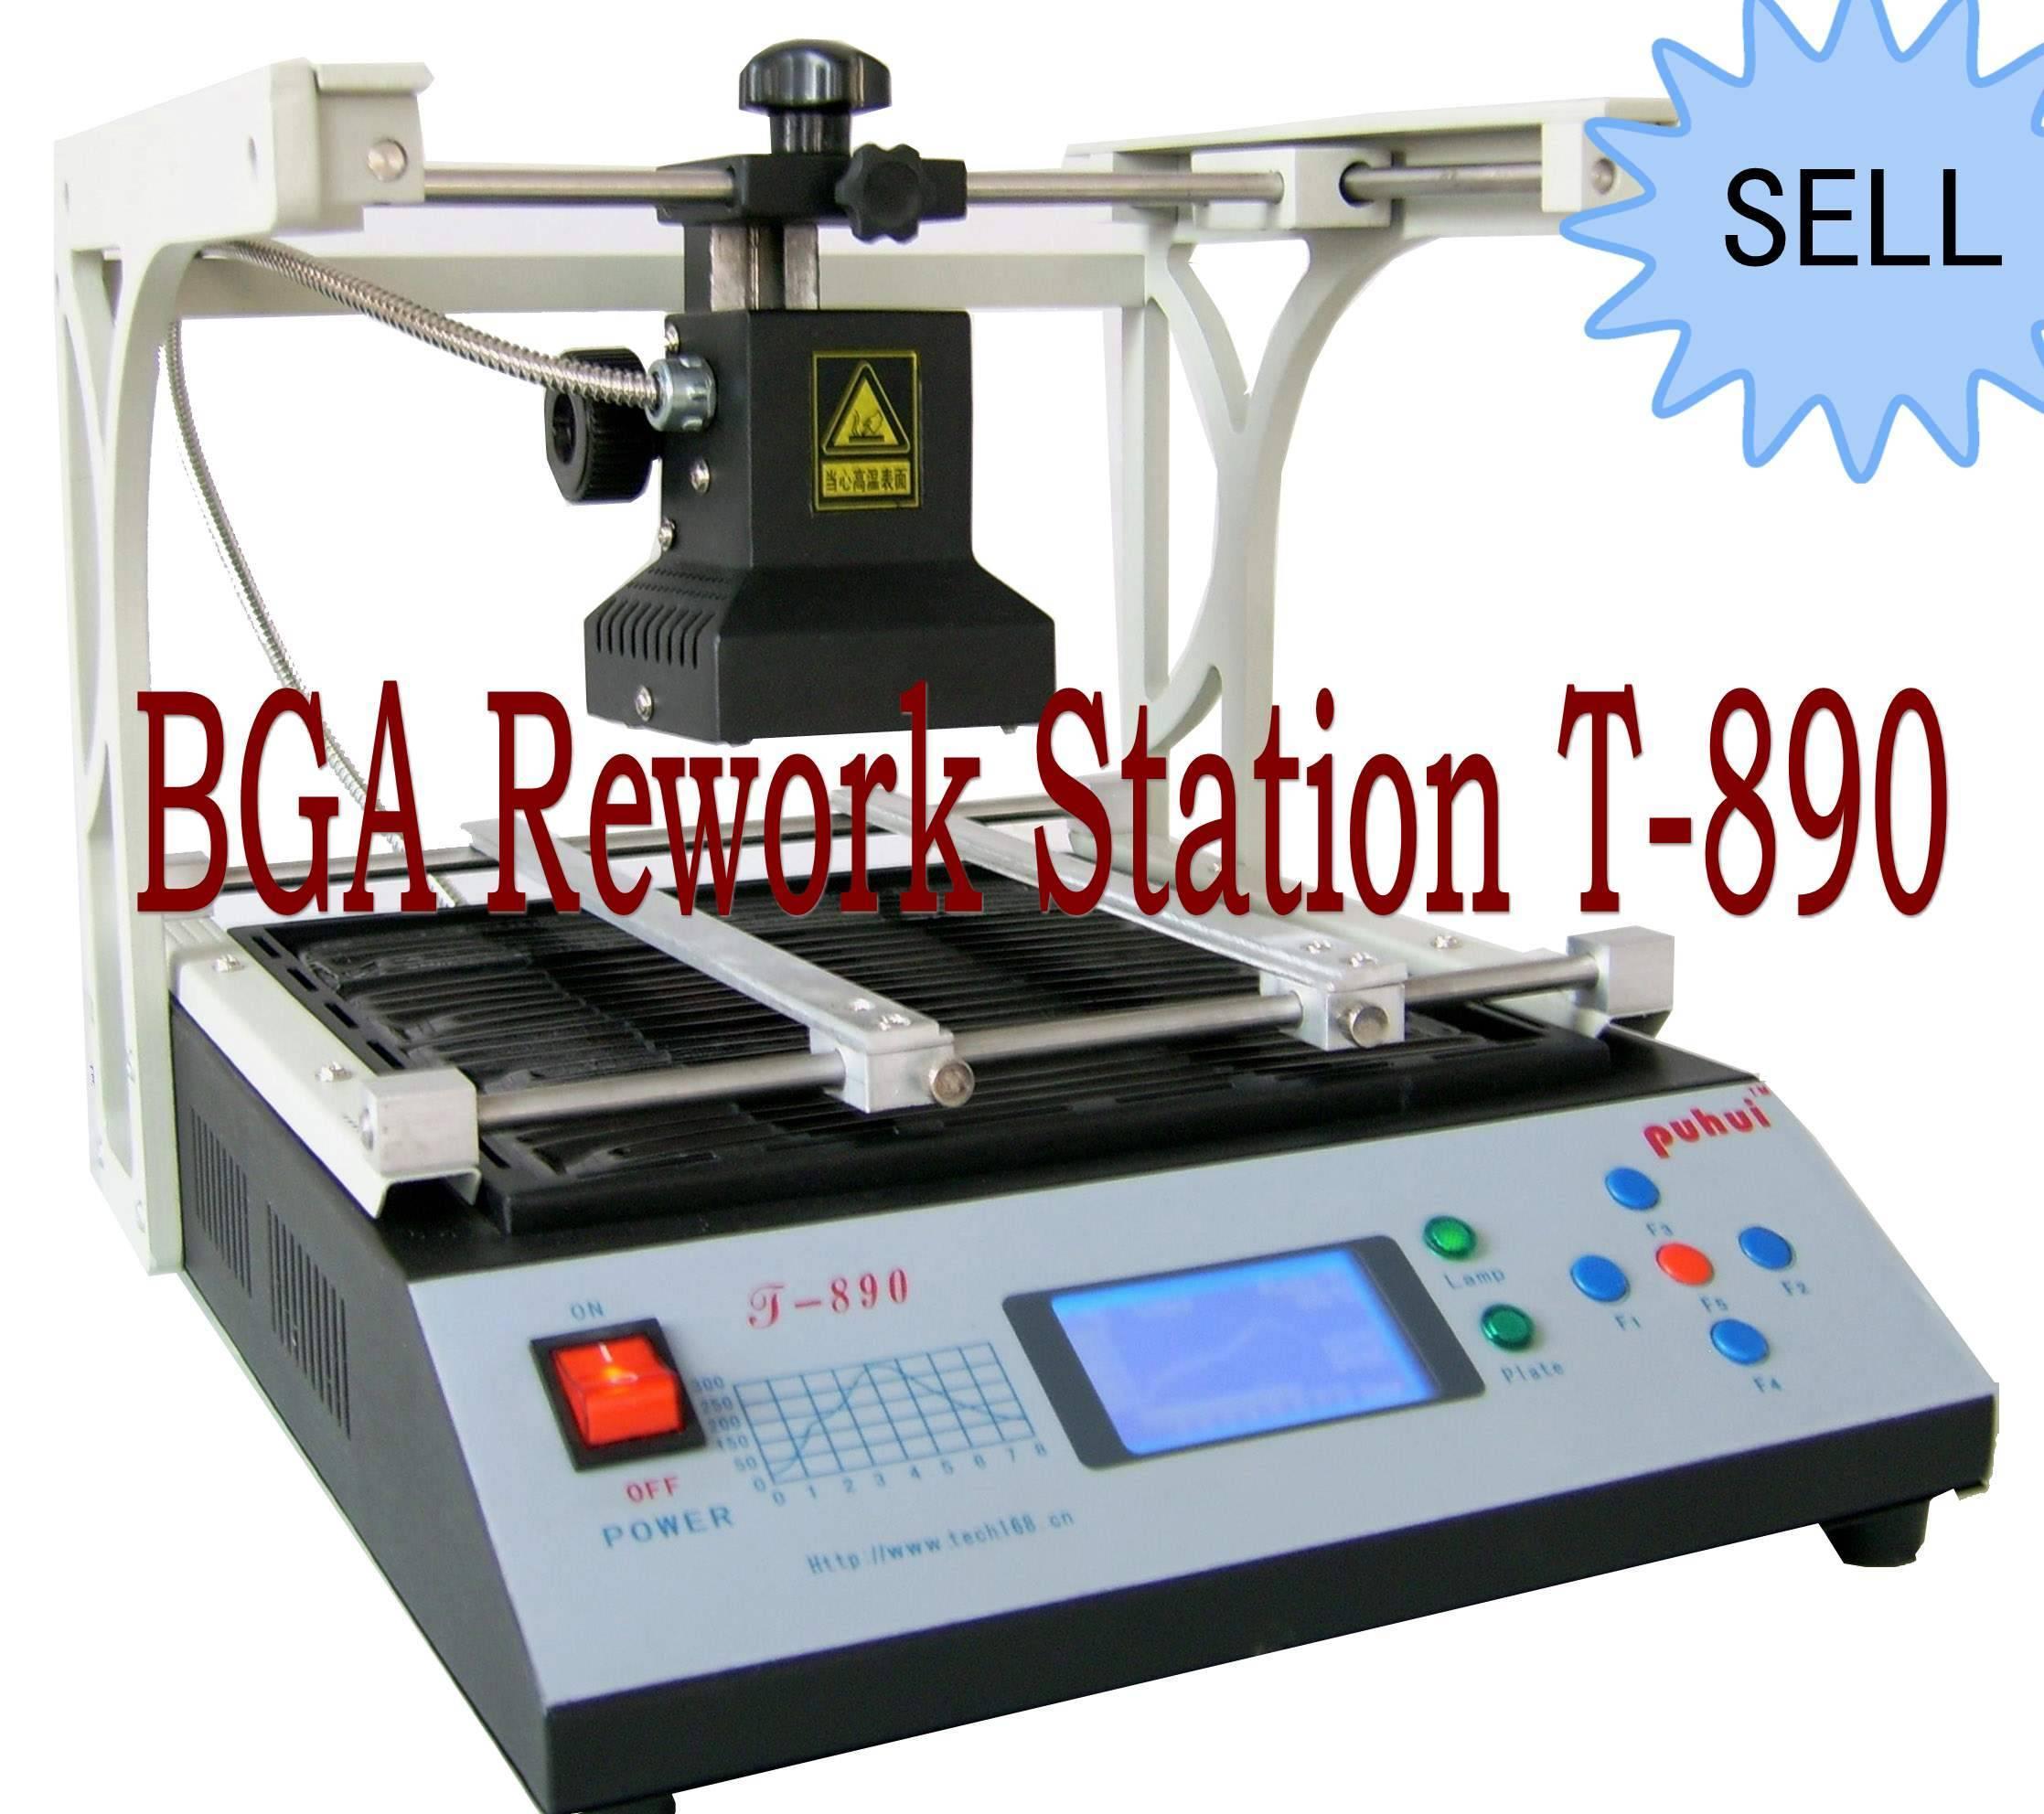 BGA Rework Station T-890